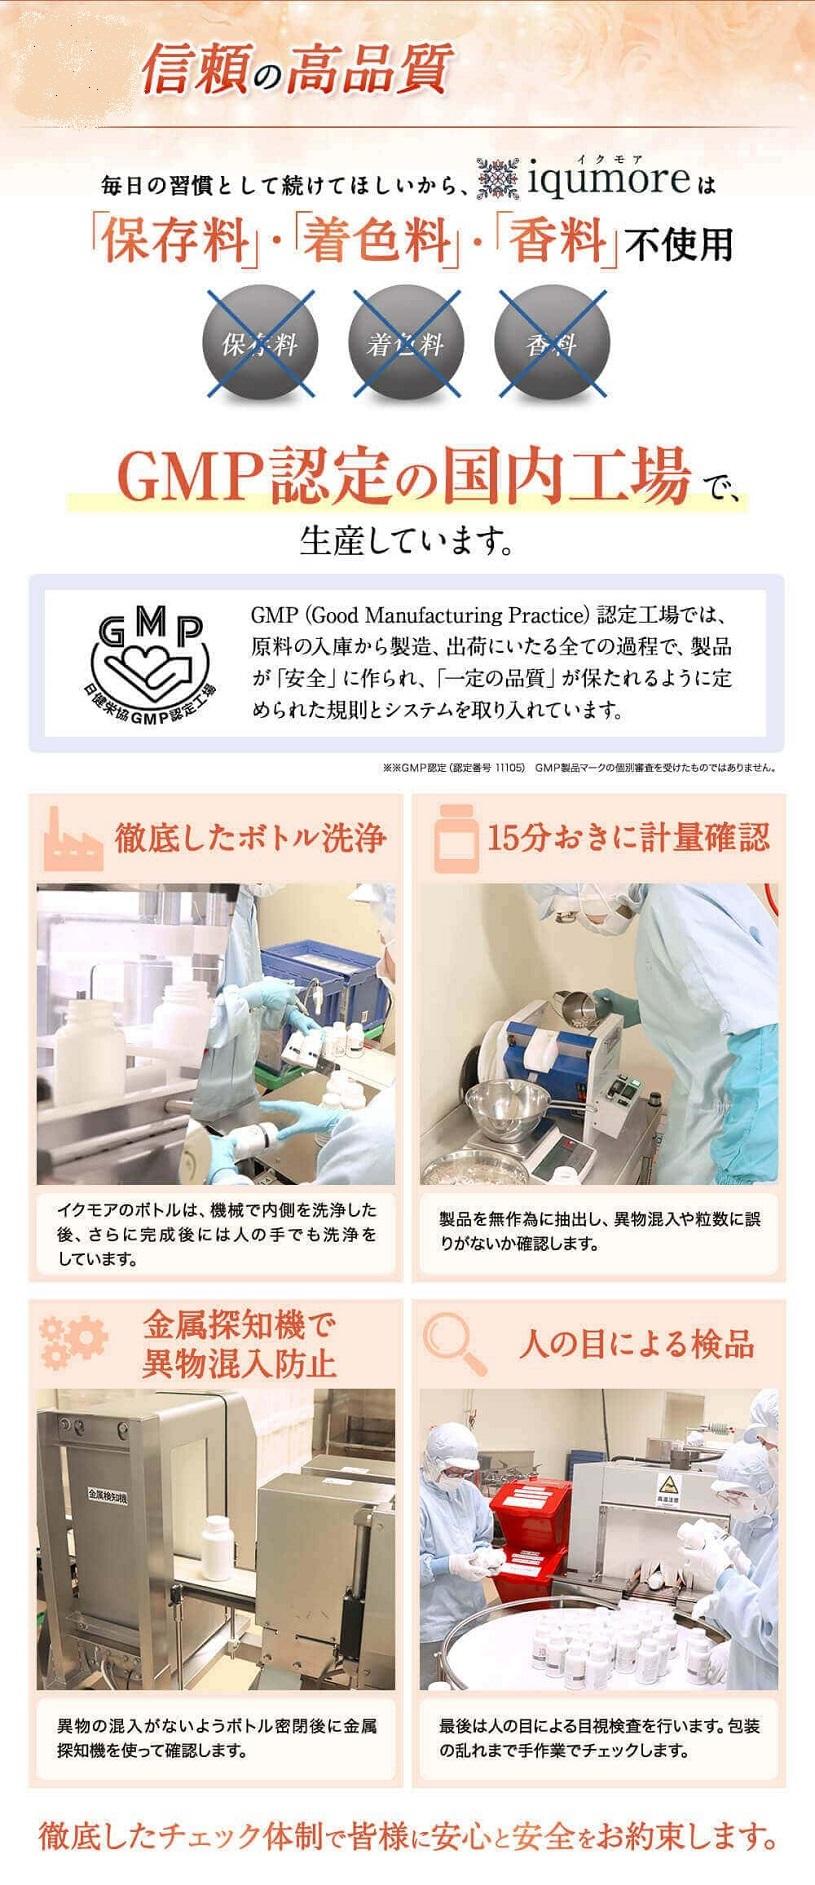 イクモア サプリメントの製造も厳格な基準の代名詞であるGMP国内工場でおこなわれていますので安心です。